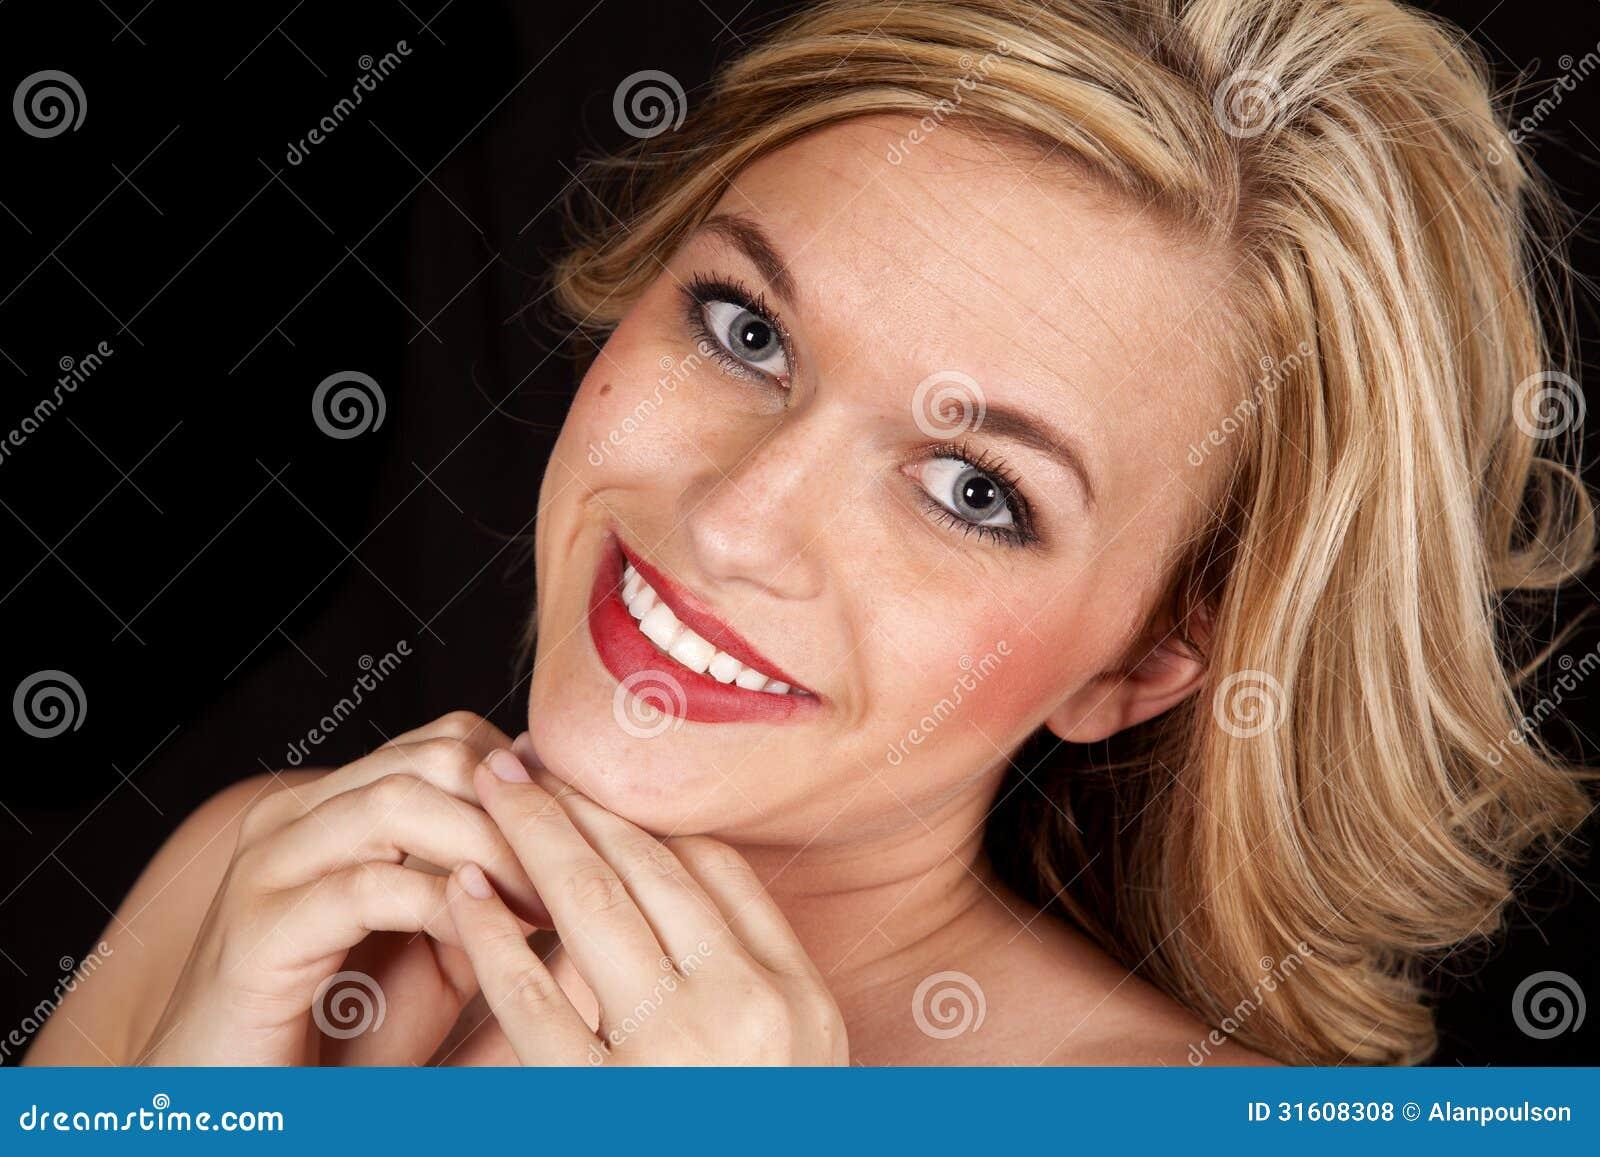 blonde rote lippen des frauenl chelns schlie en. Black Bedroom Furniture Sets. Home Design Ideas